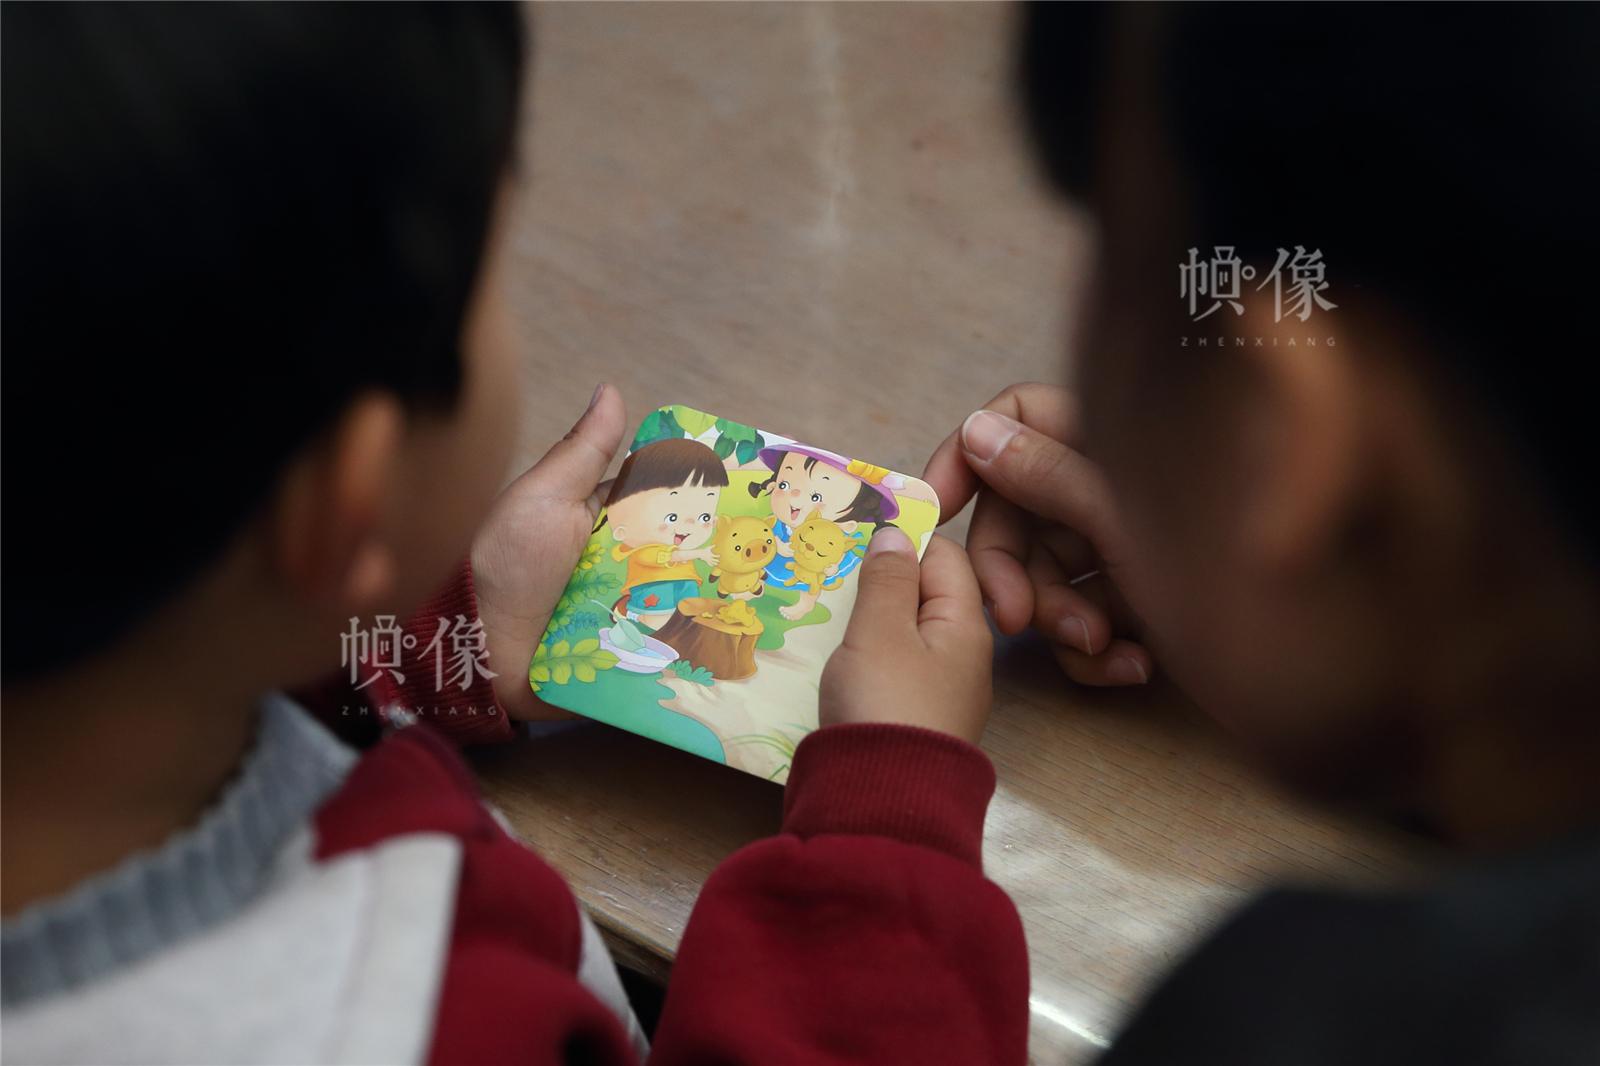 2017年3月27日,北京星星雨教育研究所,5岁的自闭症孩子源源在母亲的陪伴下,进行看图讲故事训练。中国网记者陈维松 摄